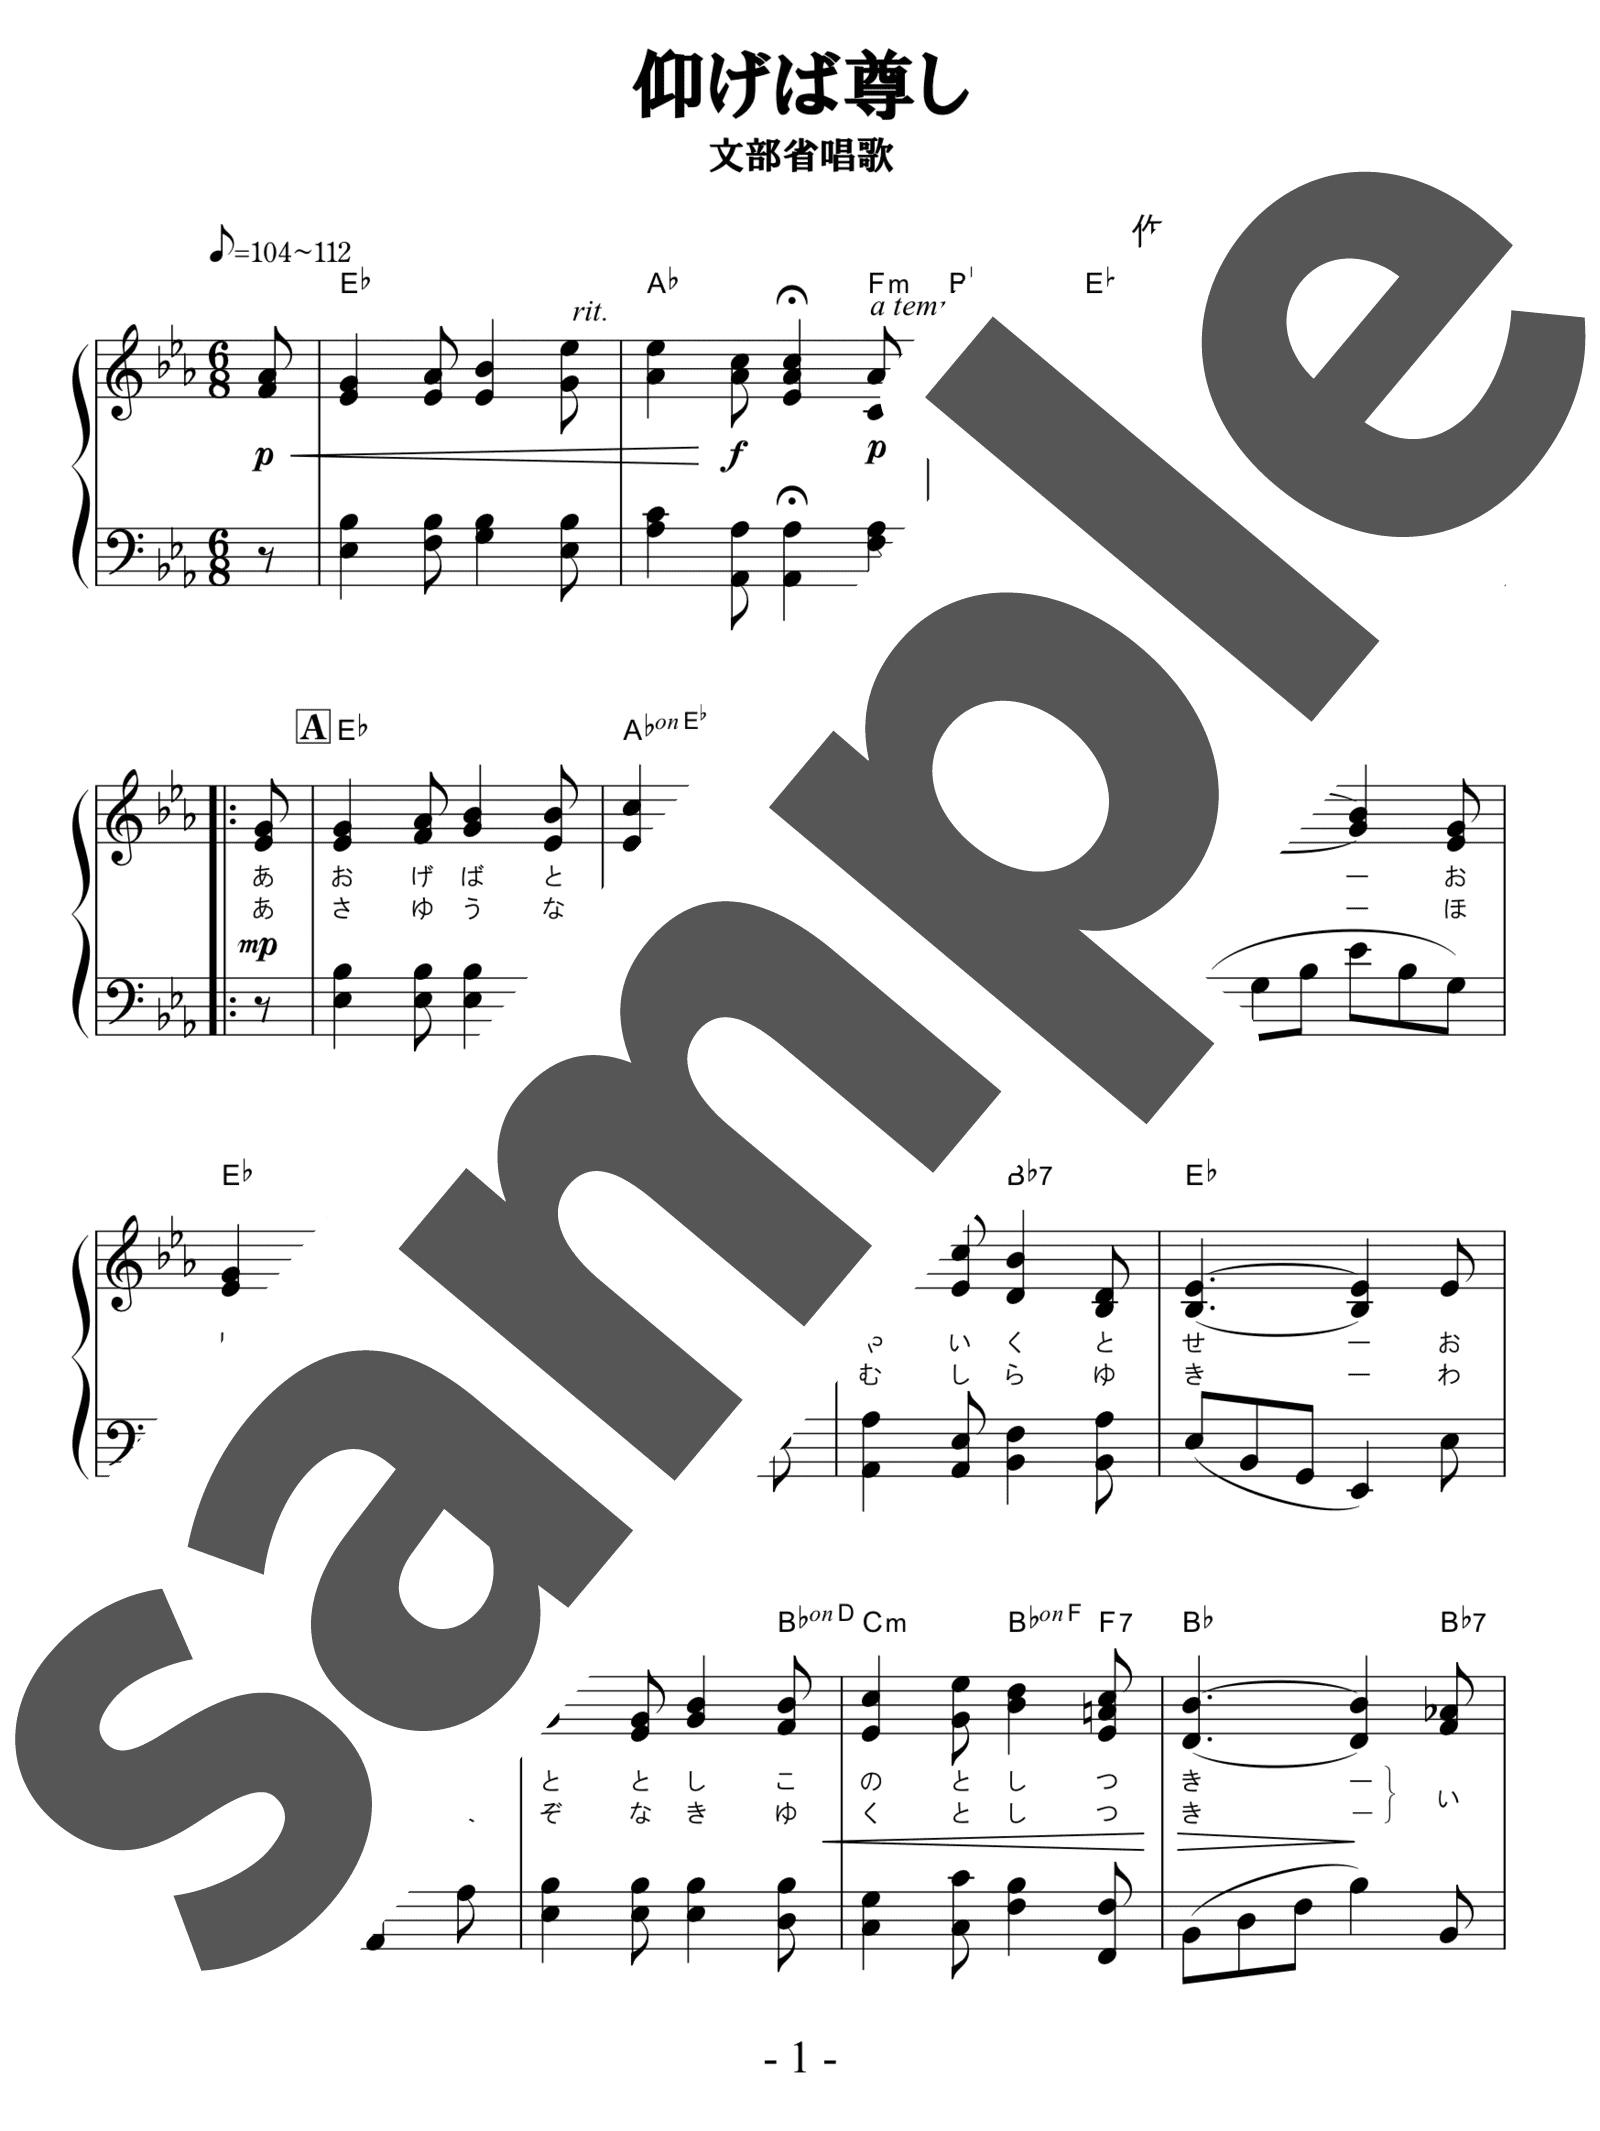 「仰げば尊し」のサンプル楽譜